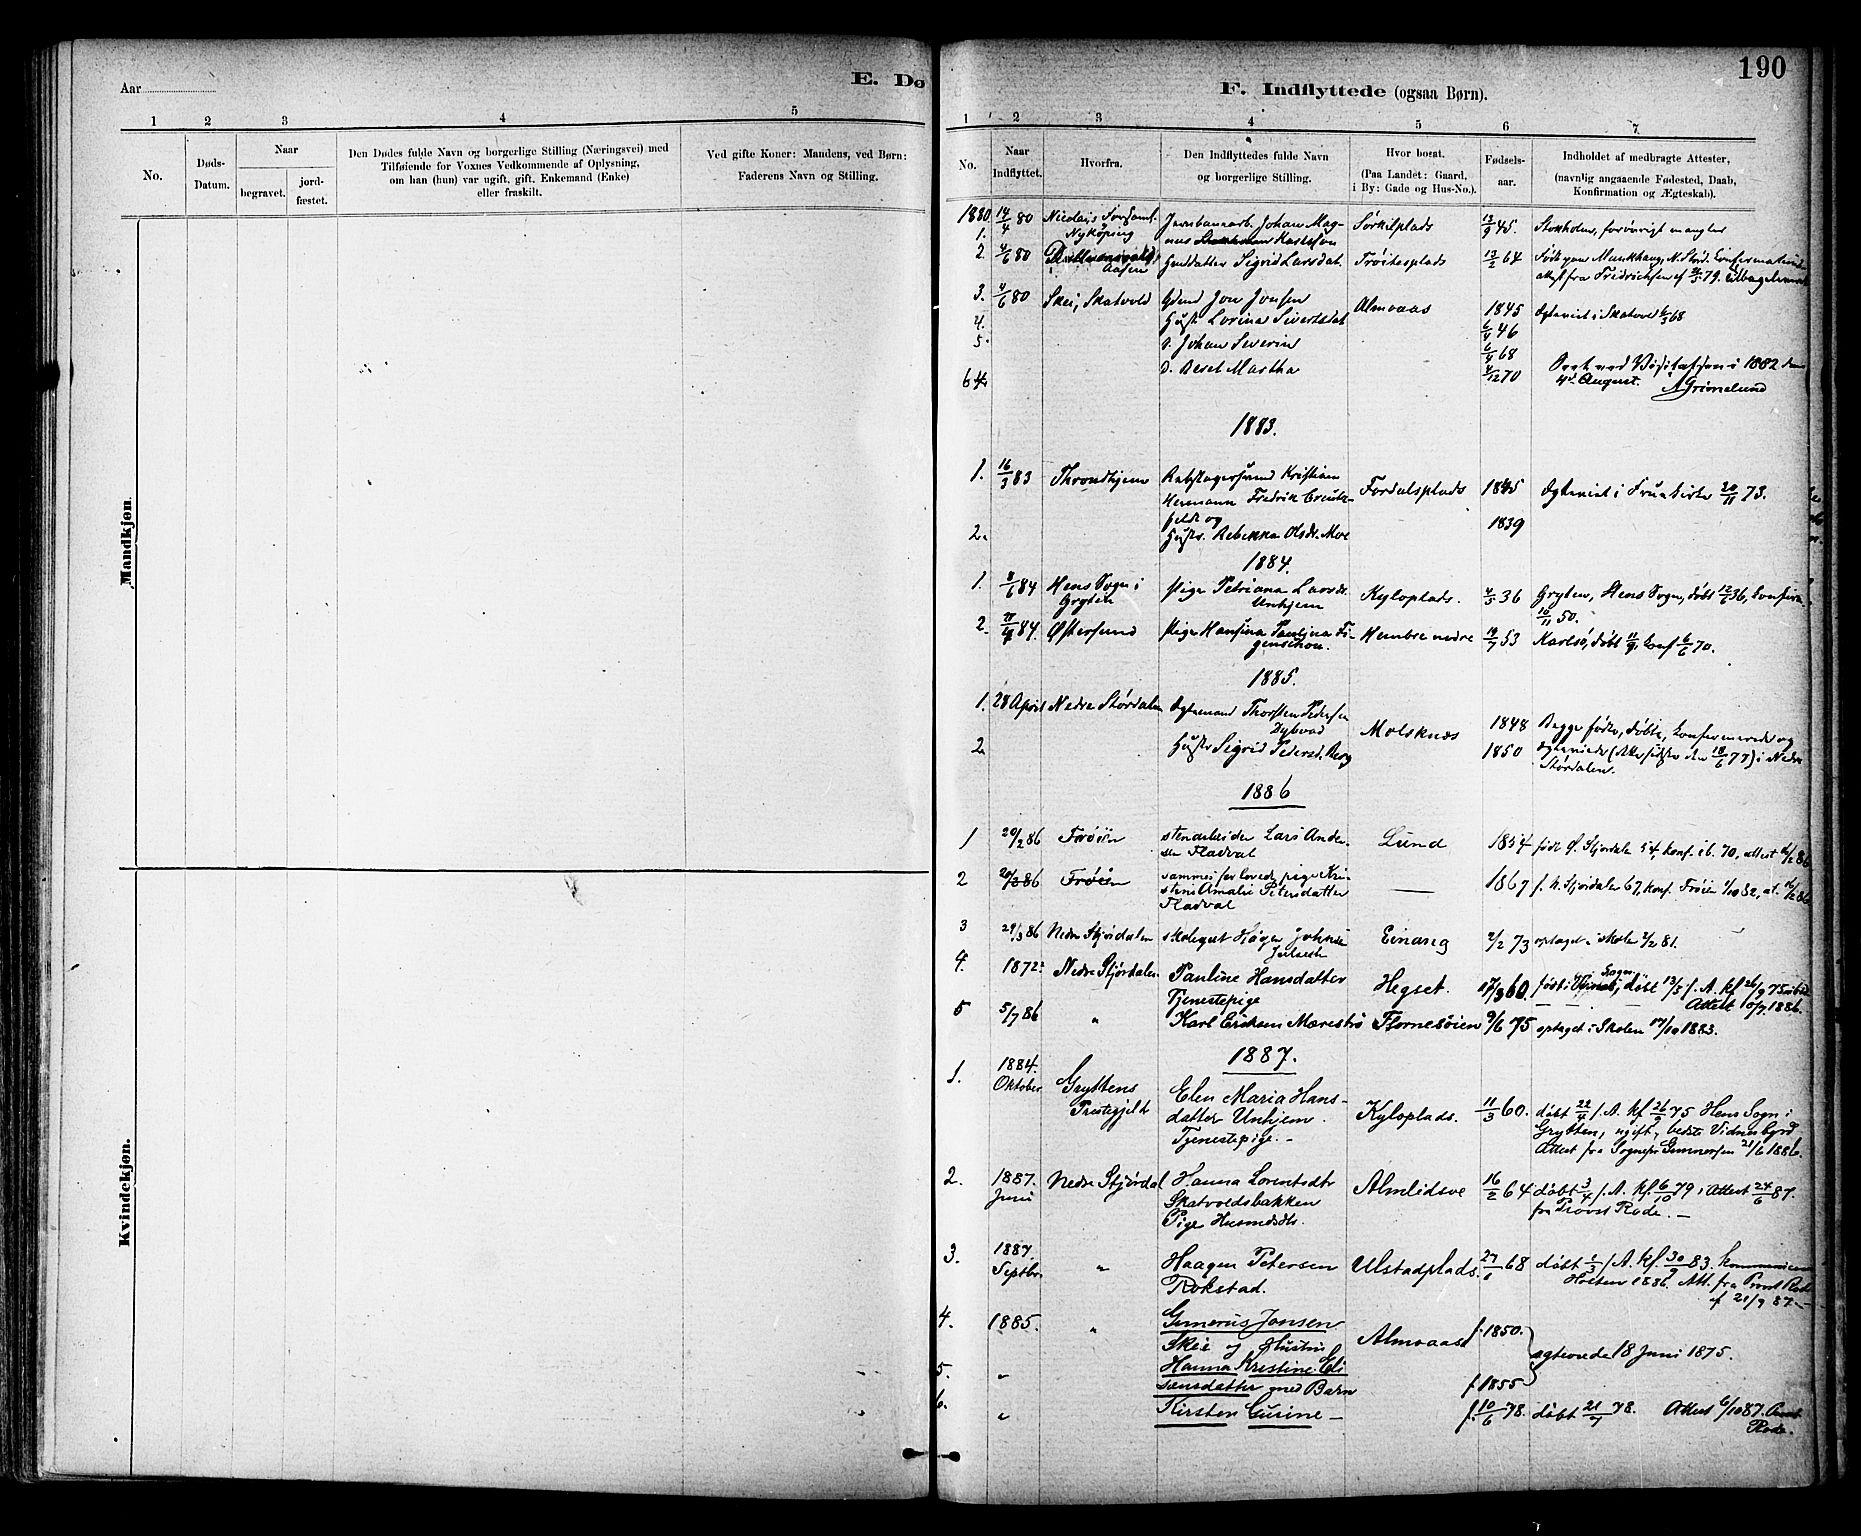 SAT, Ministerialprotokoller, klokkerbøker og fødselsregistre - Nord-Trøndelag, 703/L0030: Ministerialbok nr. 703A03, 1880-1892, s. 190